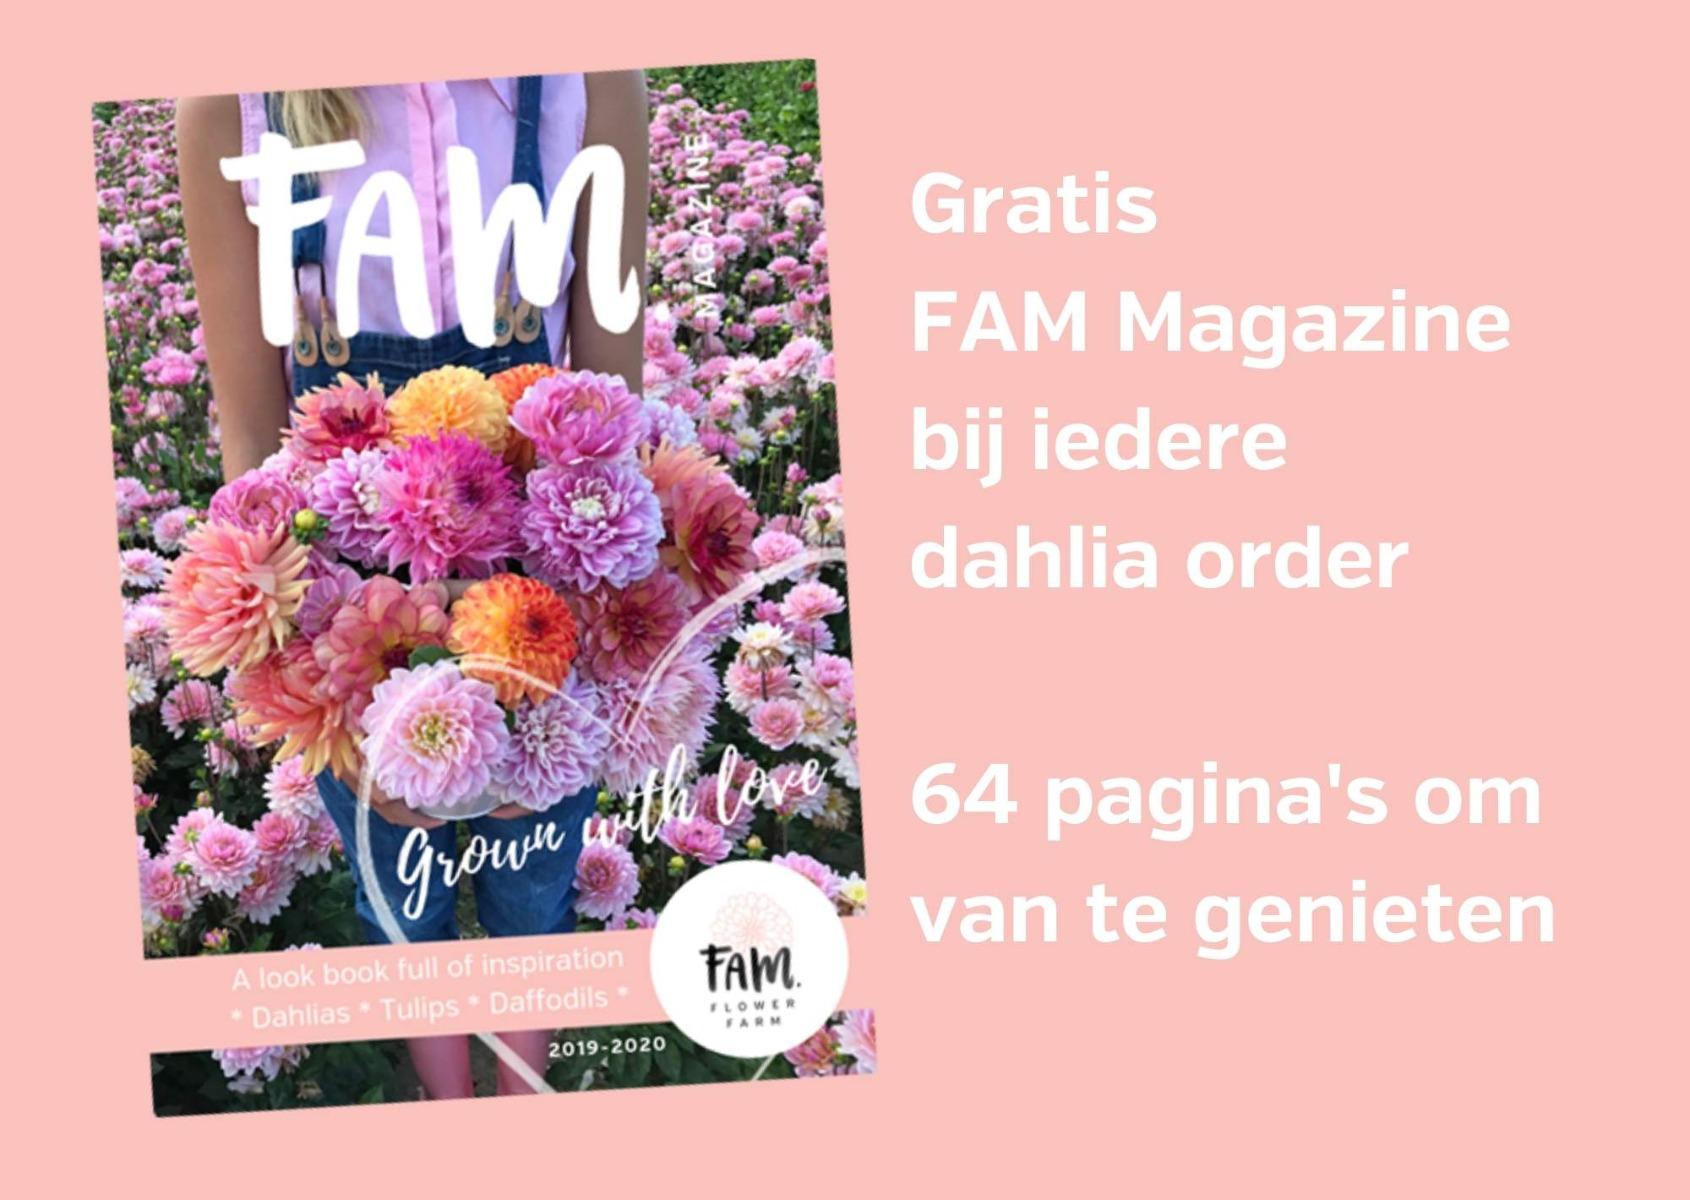 Gratis magazine dahlia order